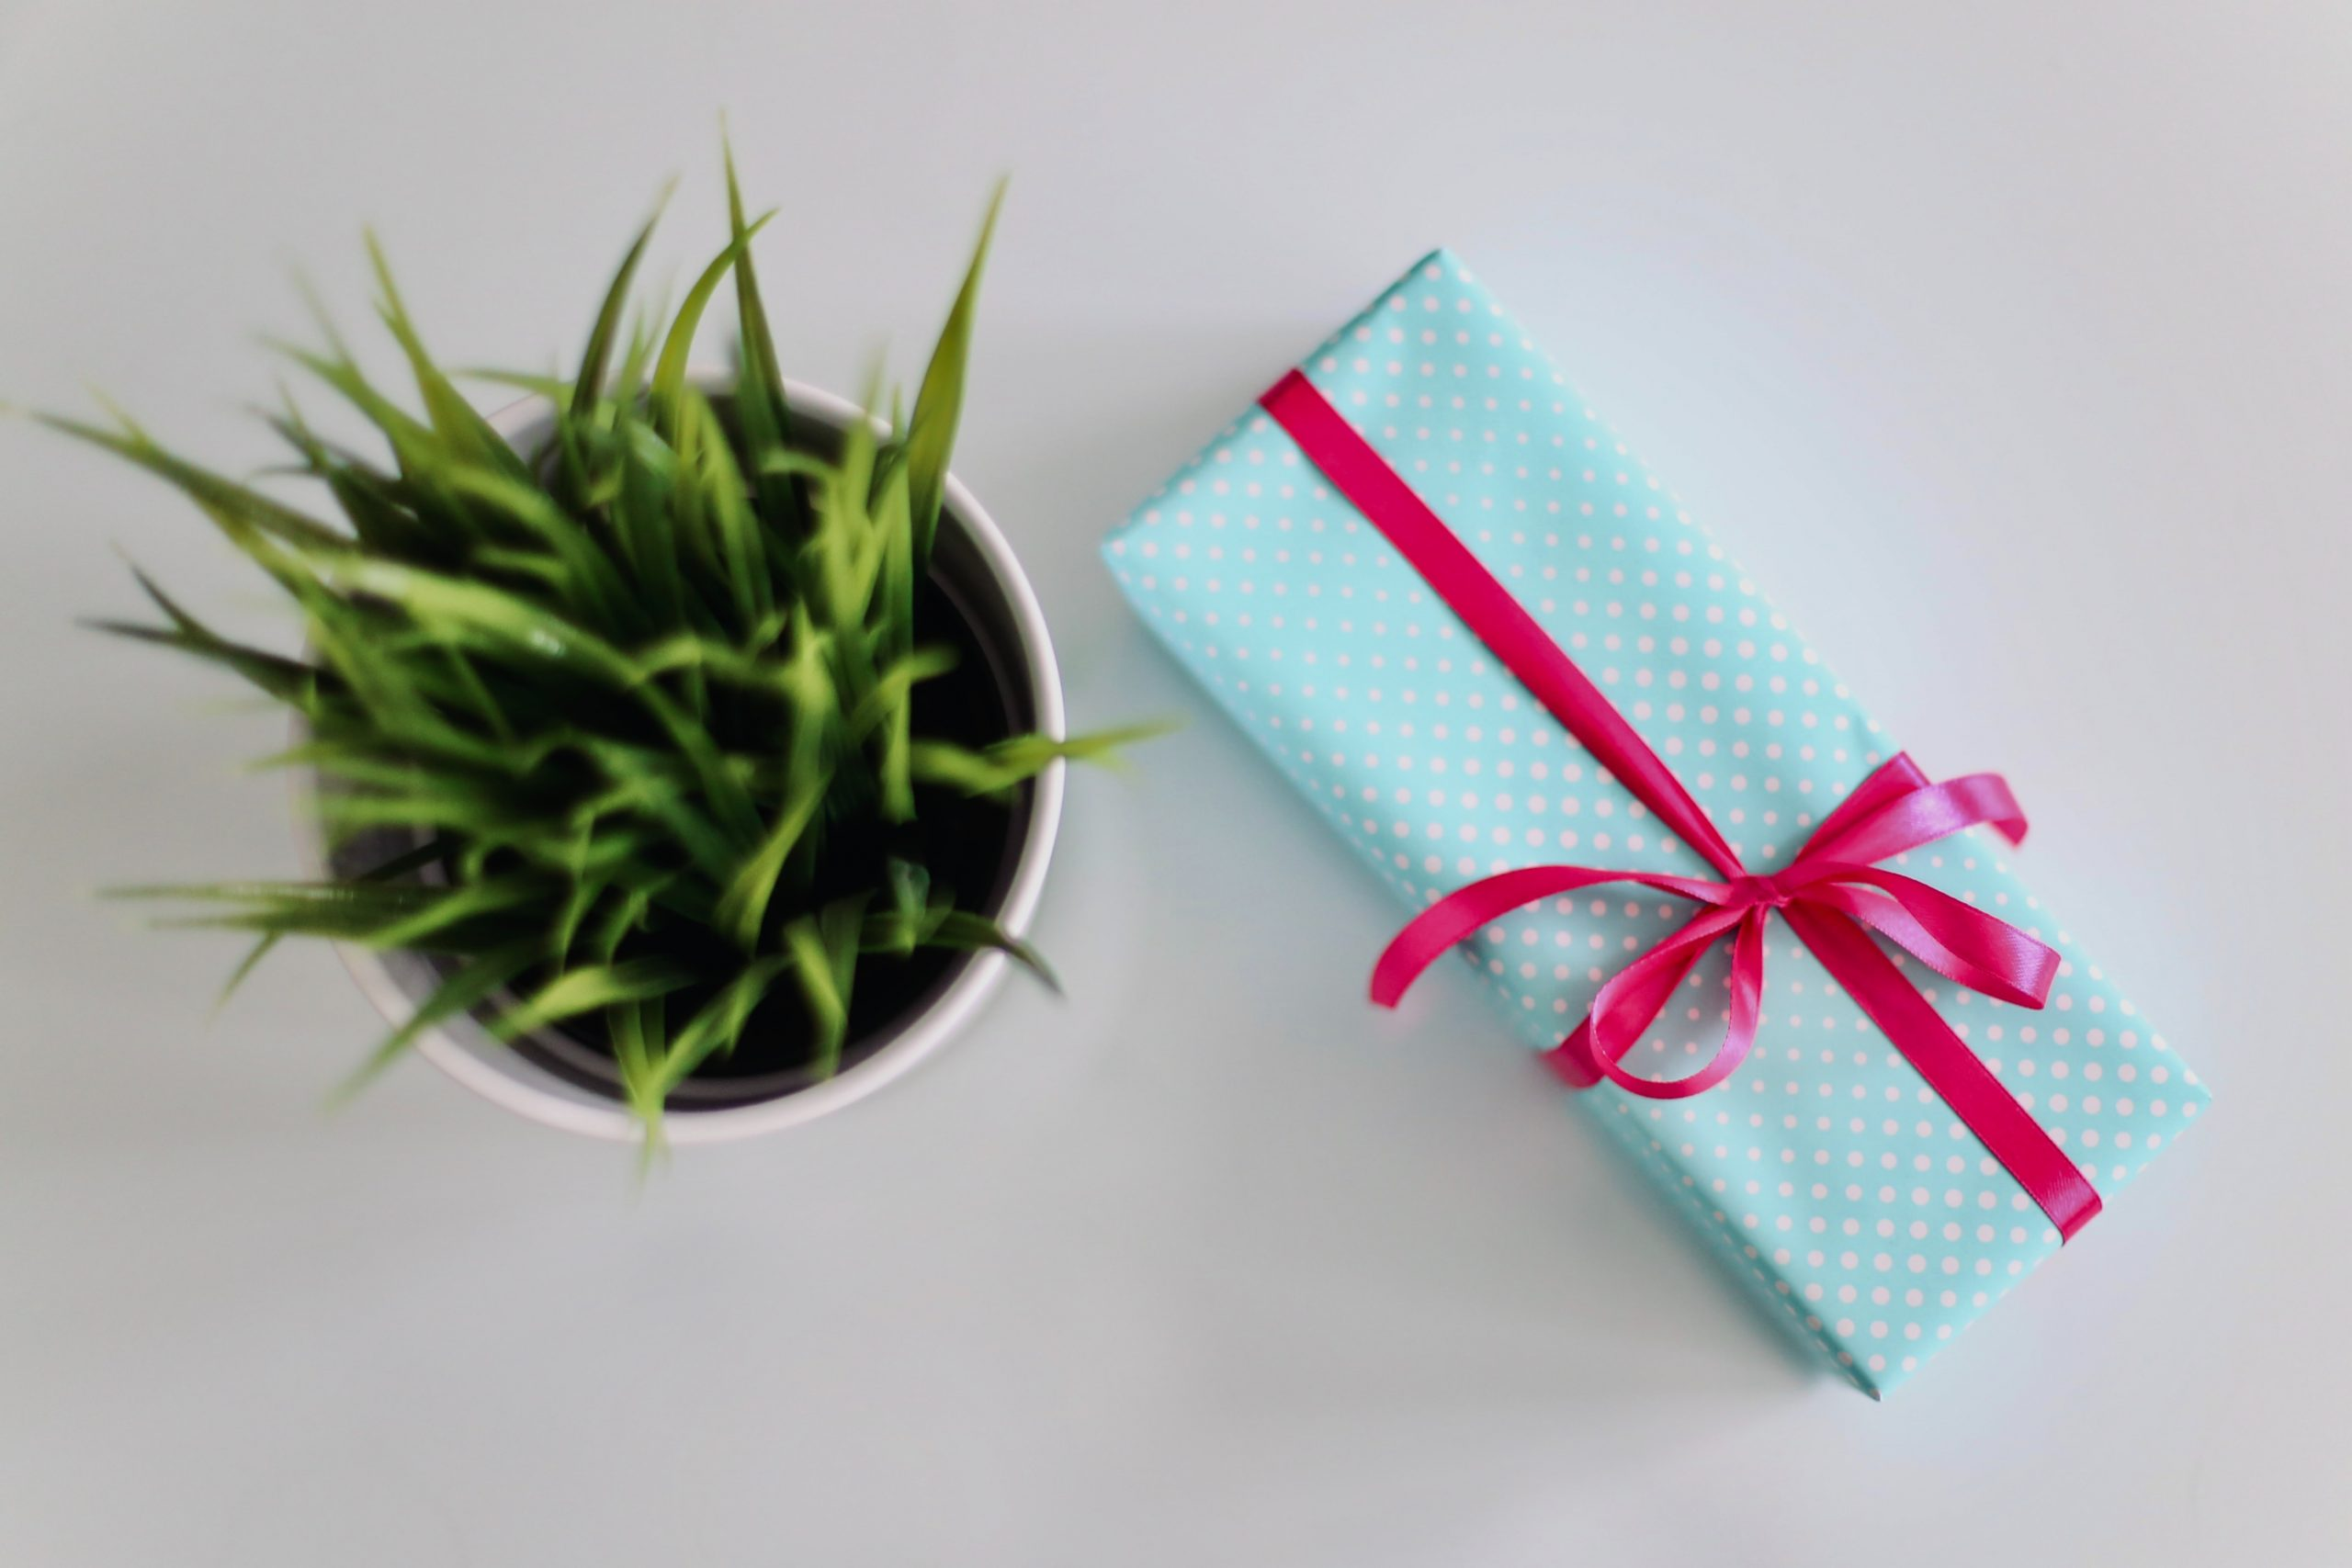 Încă 20 de idei creative de cadouri pentru Paște în izolare